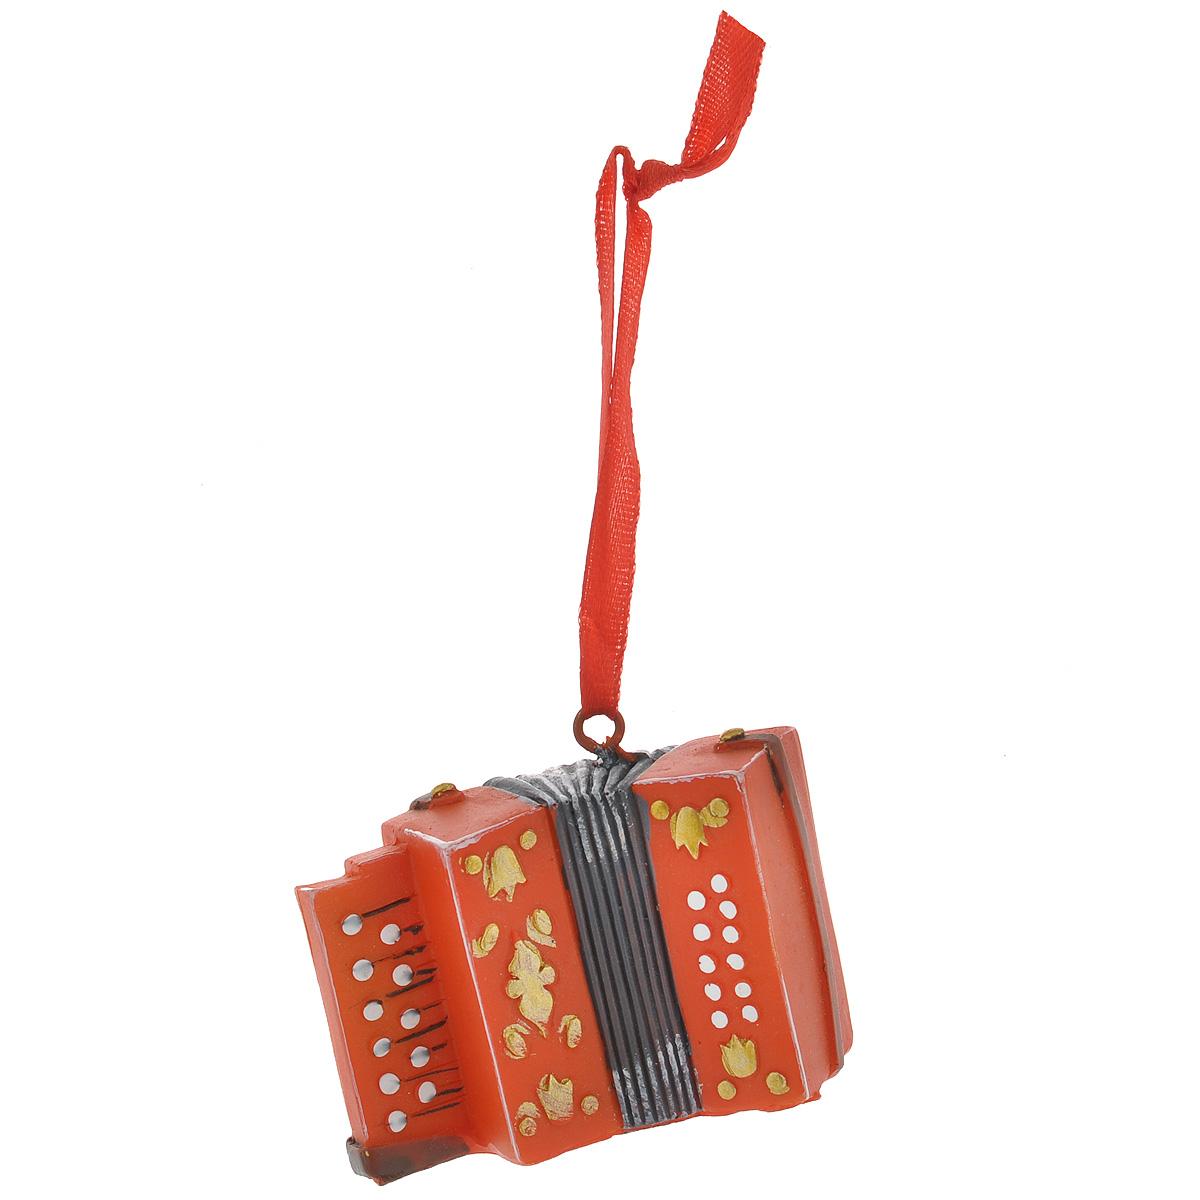 Новогоднее подвесное украшение Баян, цвет: оранжевый. 3458134581Оригинальное новогоднее украшение из пластика прекрасно подойдет для праздничного декора дома и новогодней ели. Изделие крепится на елку с помощью металлического зажима.